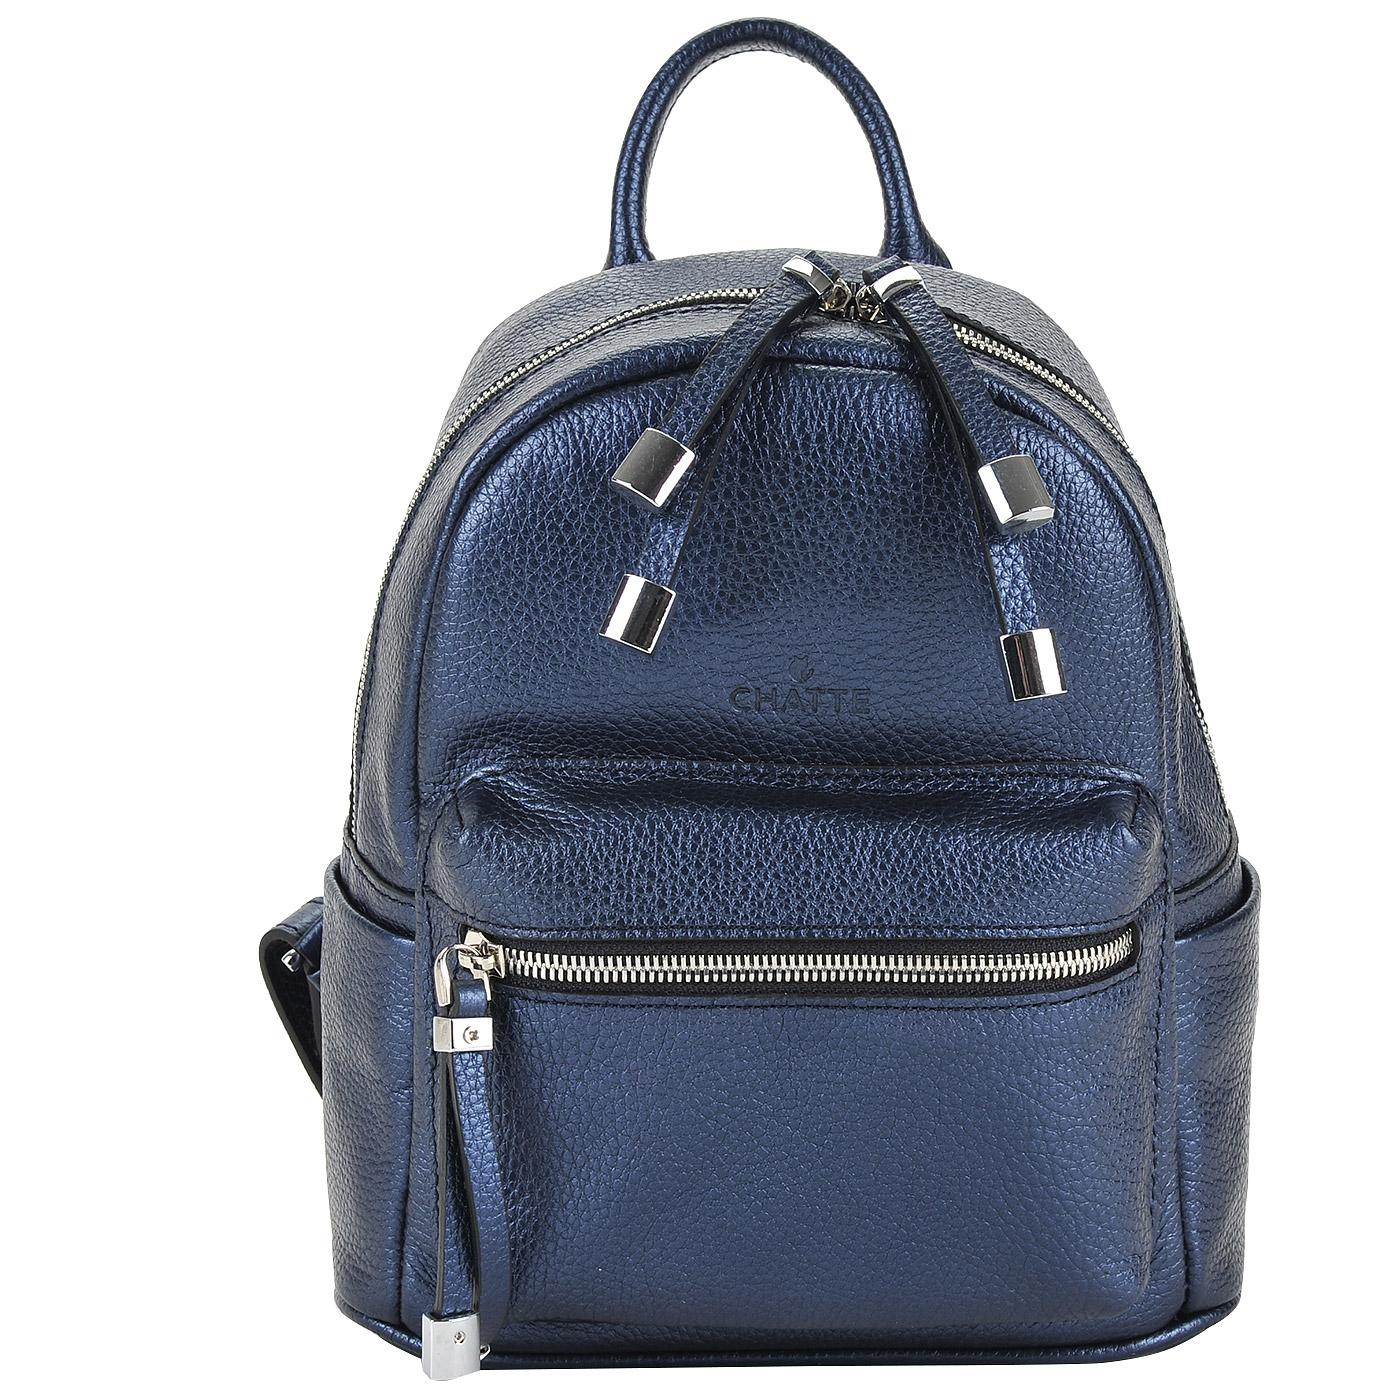 bd3663782655 Женский рюкзак из натуральной металлизированной кожи Chatte Женский рюкзак  из натуральной металлизированной кожи Chatte ...